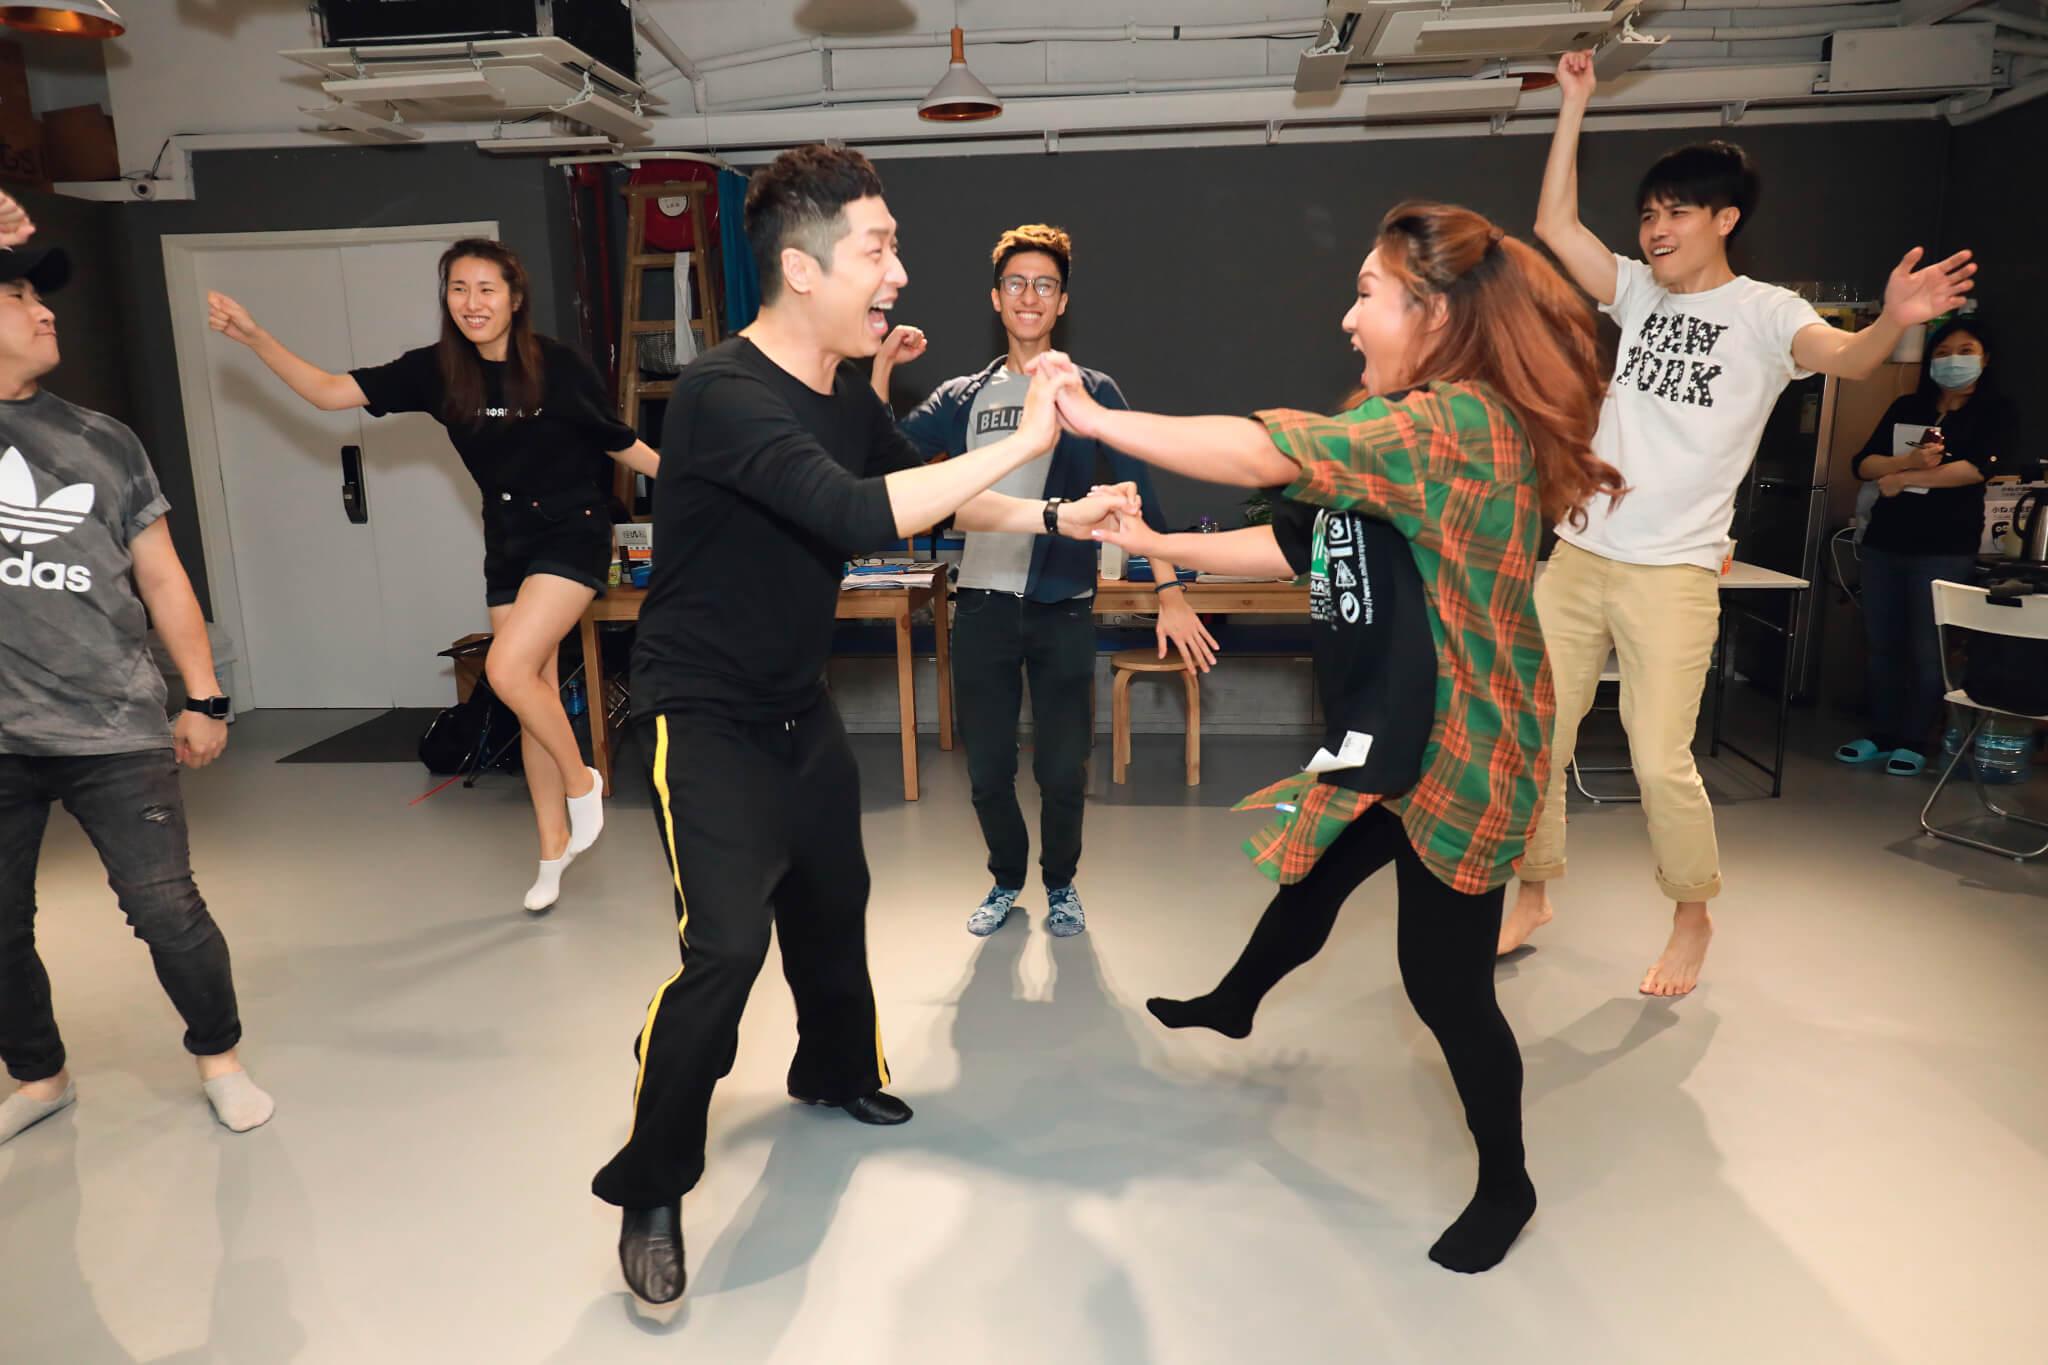 小恩子和馬仔在戲中歌舞連場,二人跳舞時甚有默契。